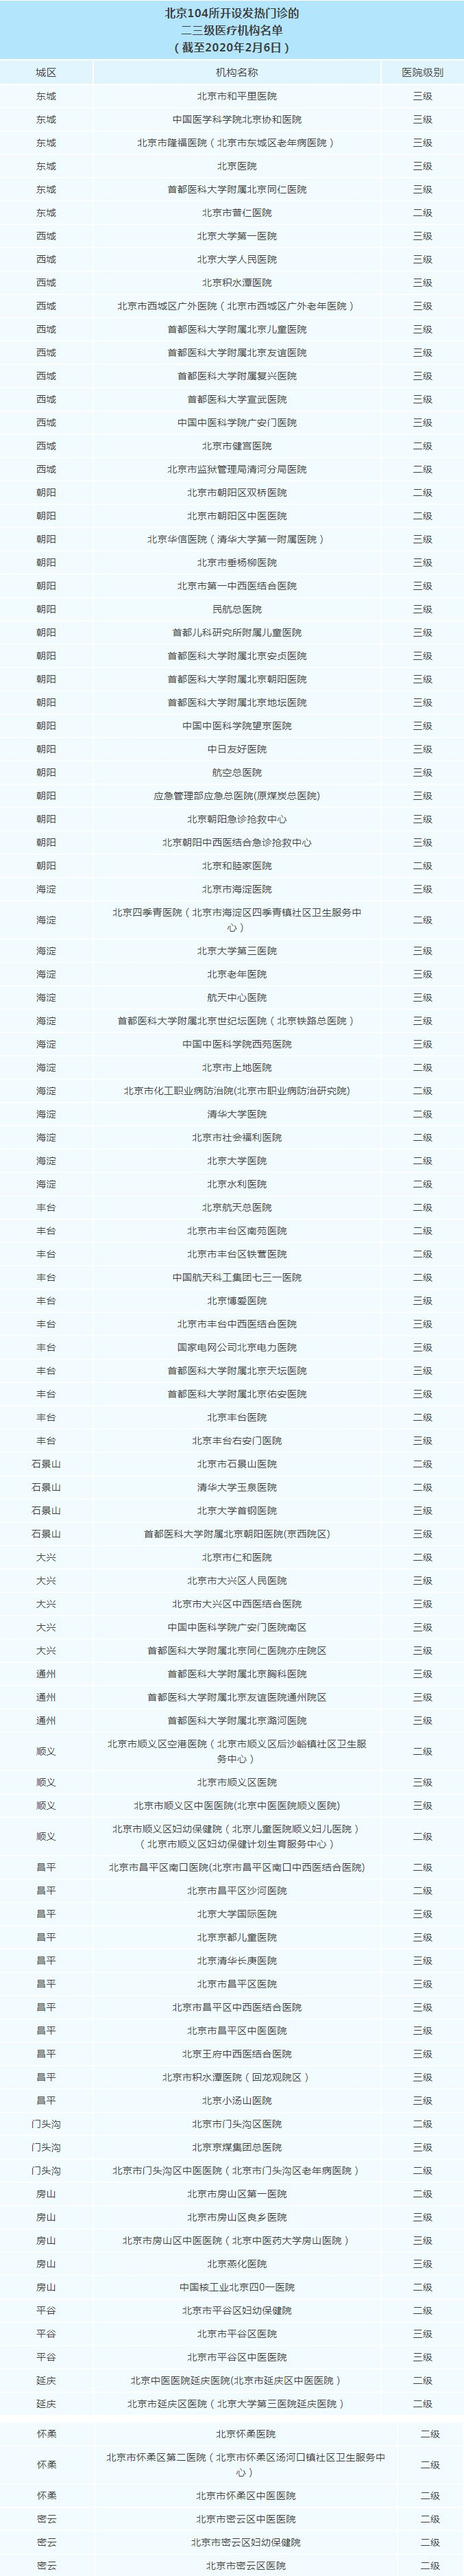 北京104所开设发热门诊的二三级医疗机构名单